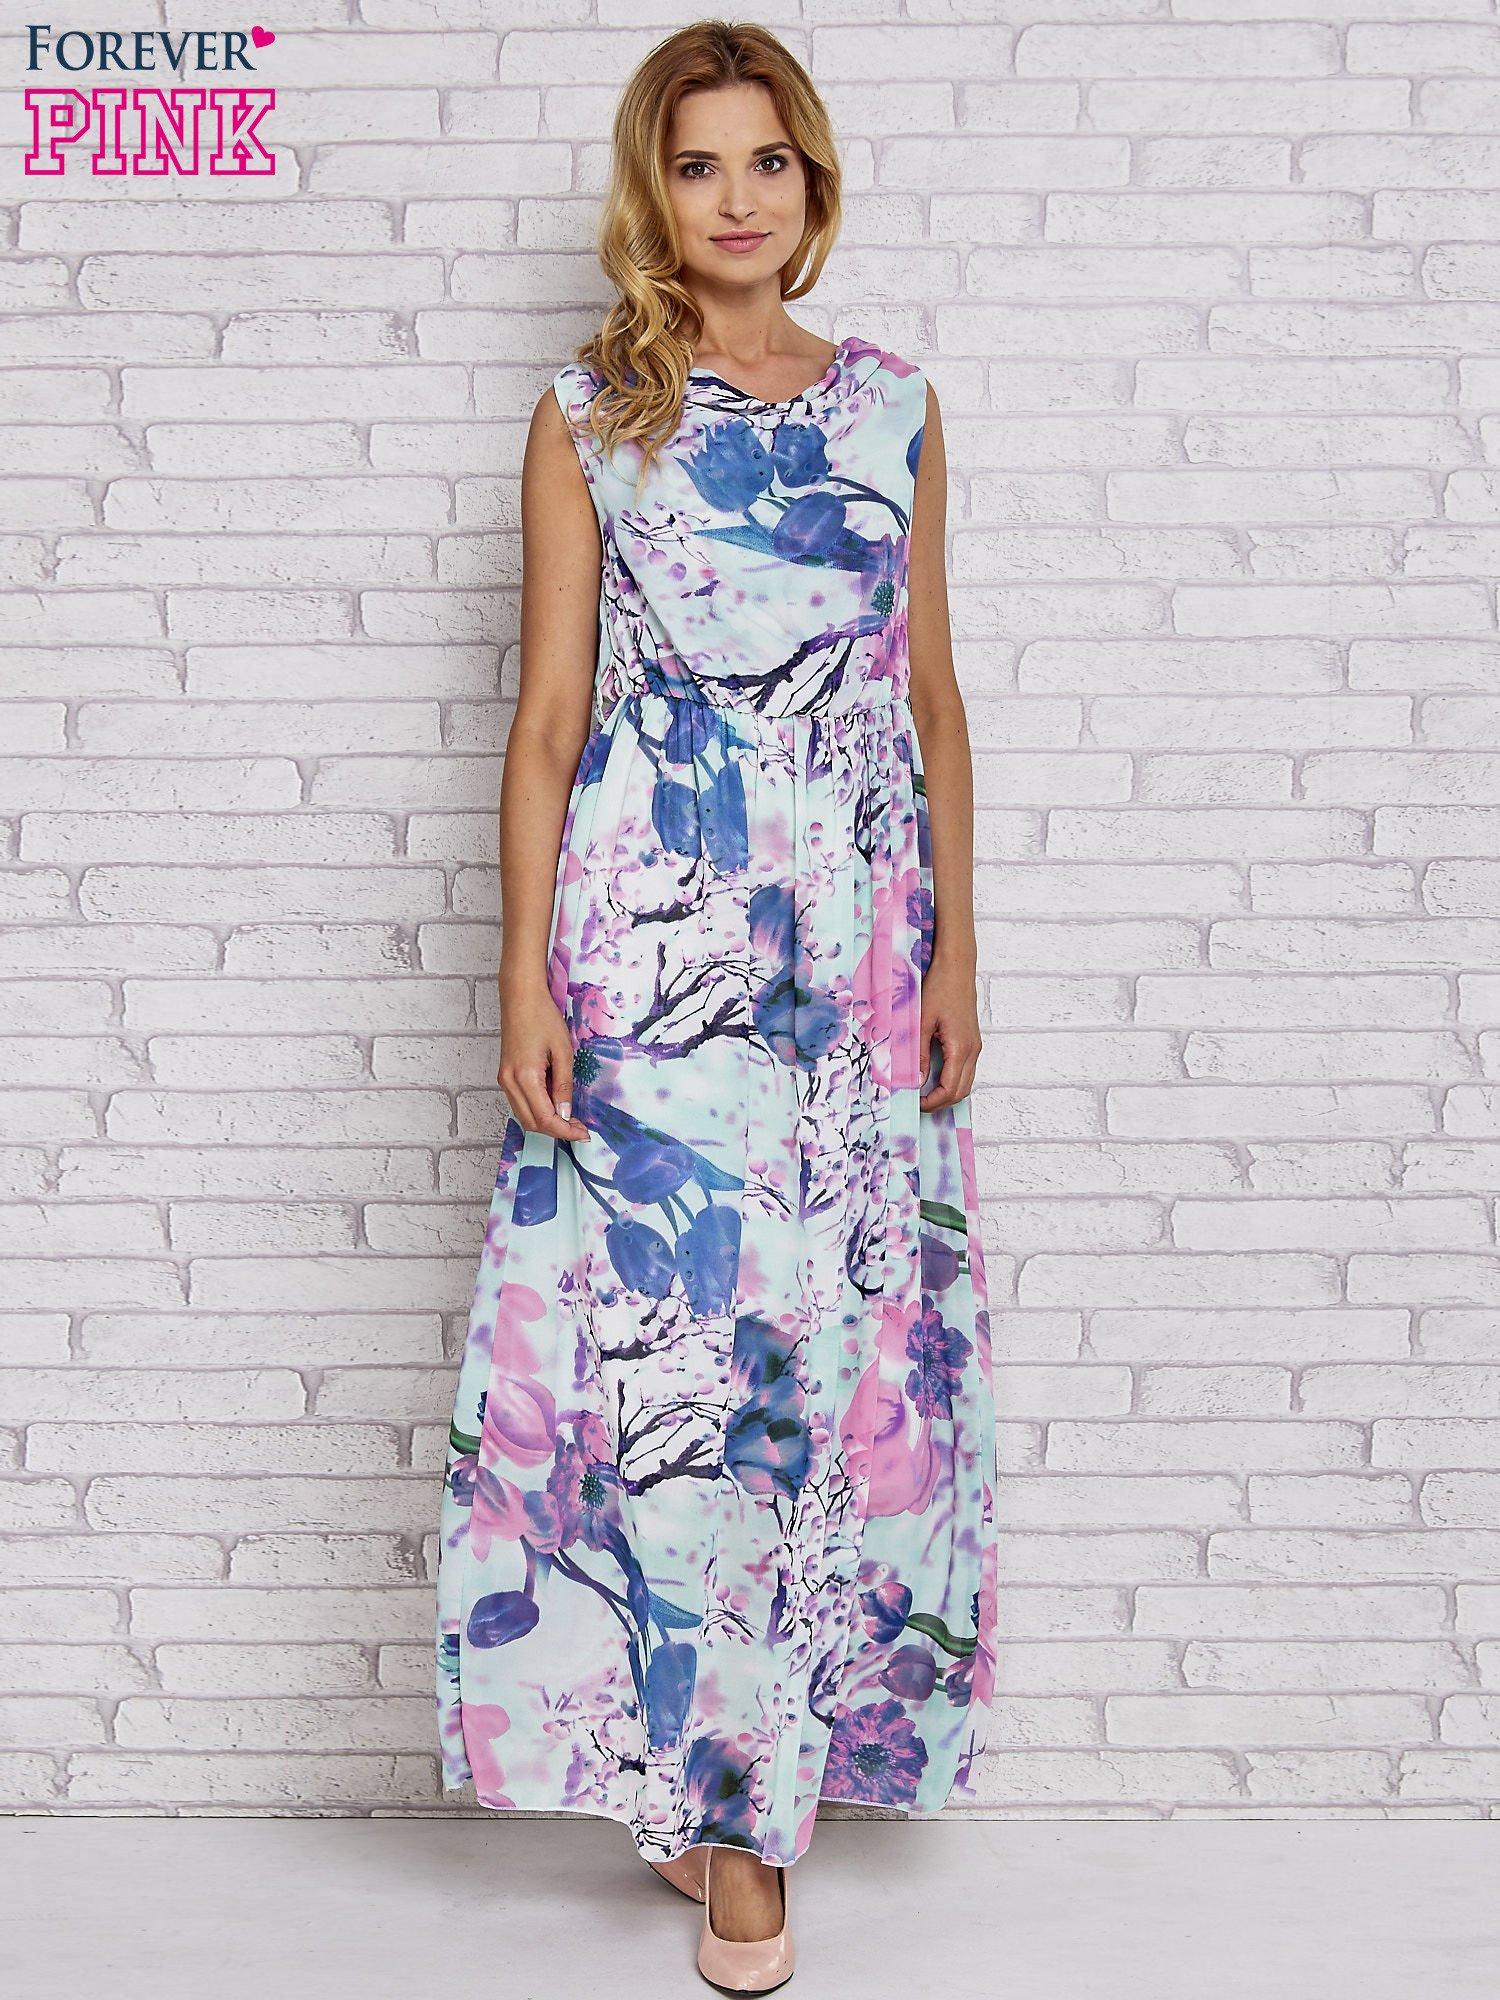 Fioletowa sukienka maxi w kwiaty                                  zdj.                                  4